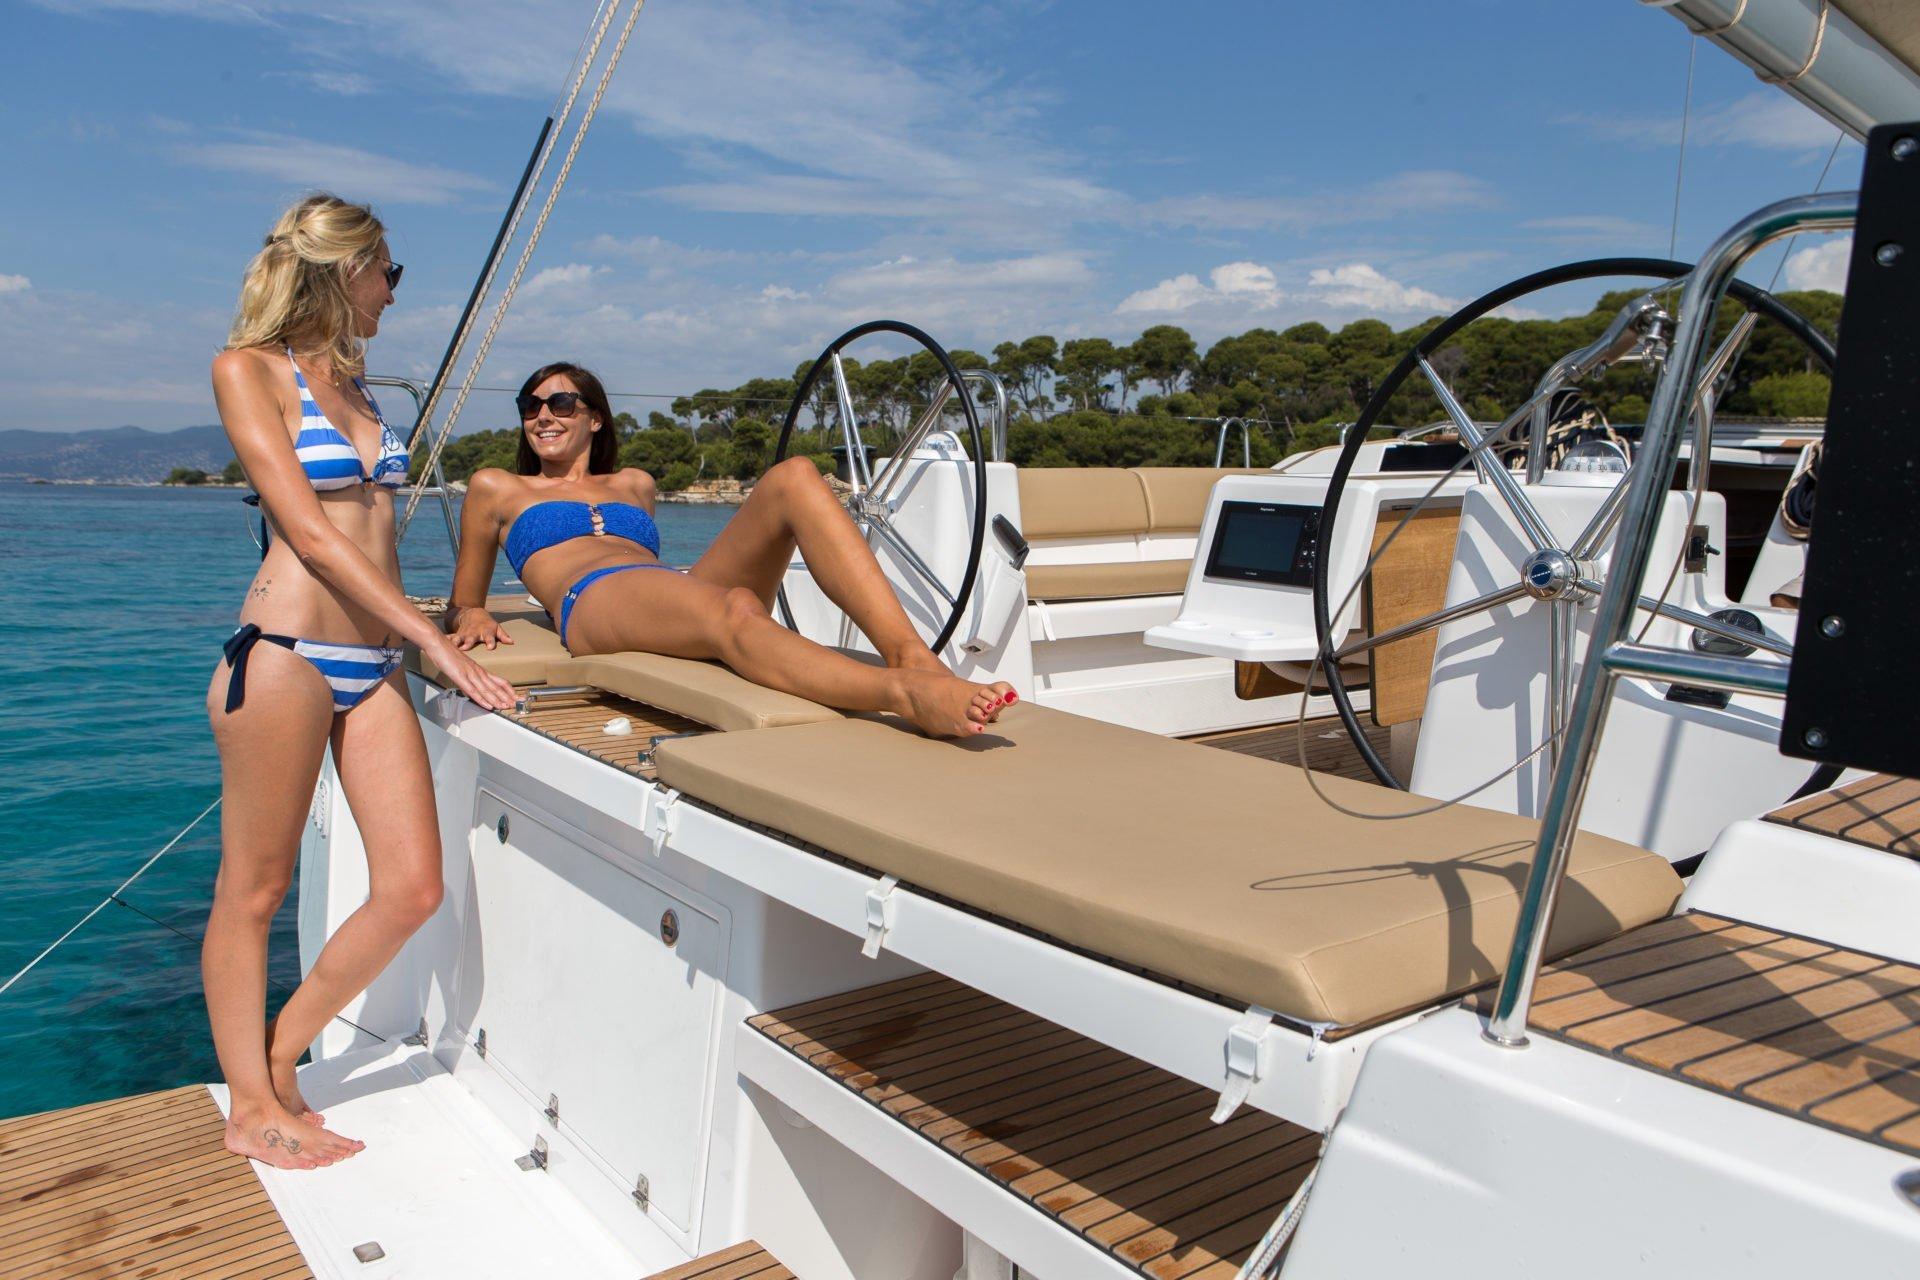 pretty girls on a yacht